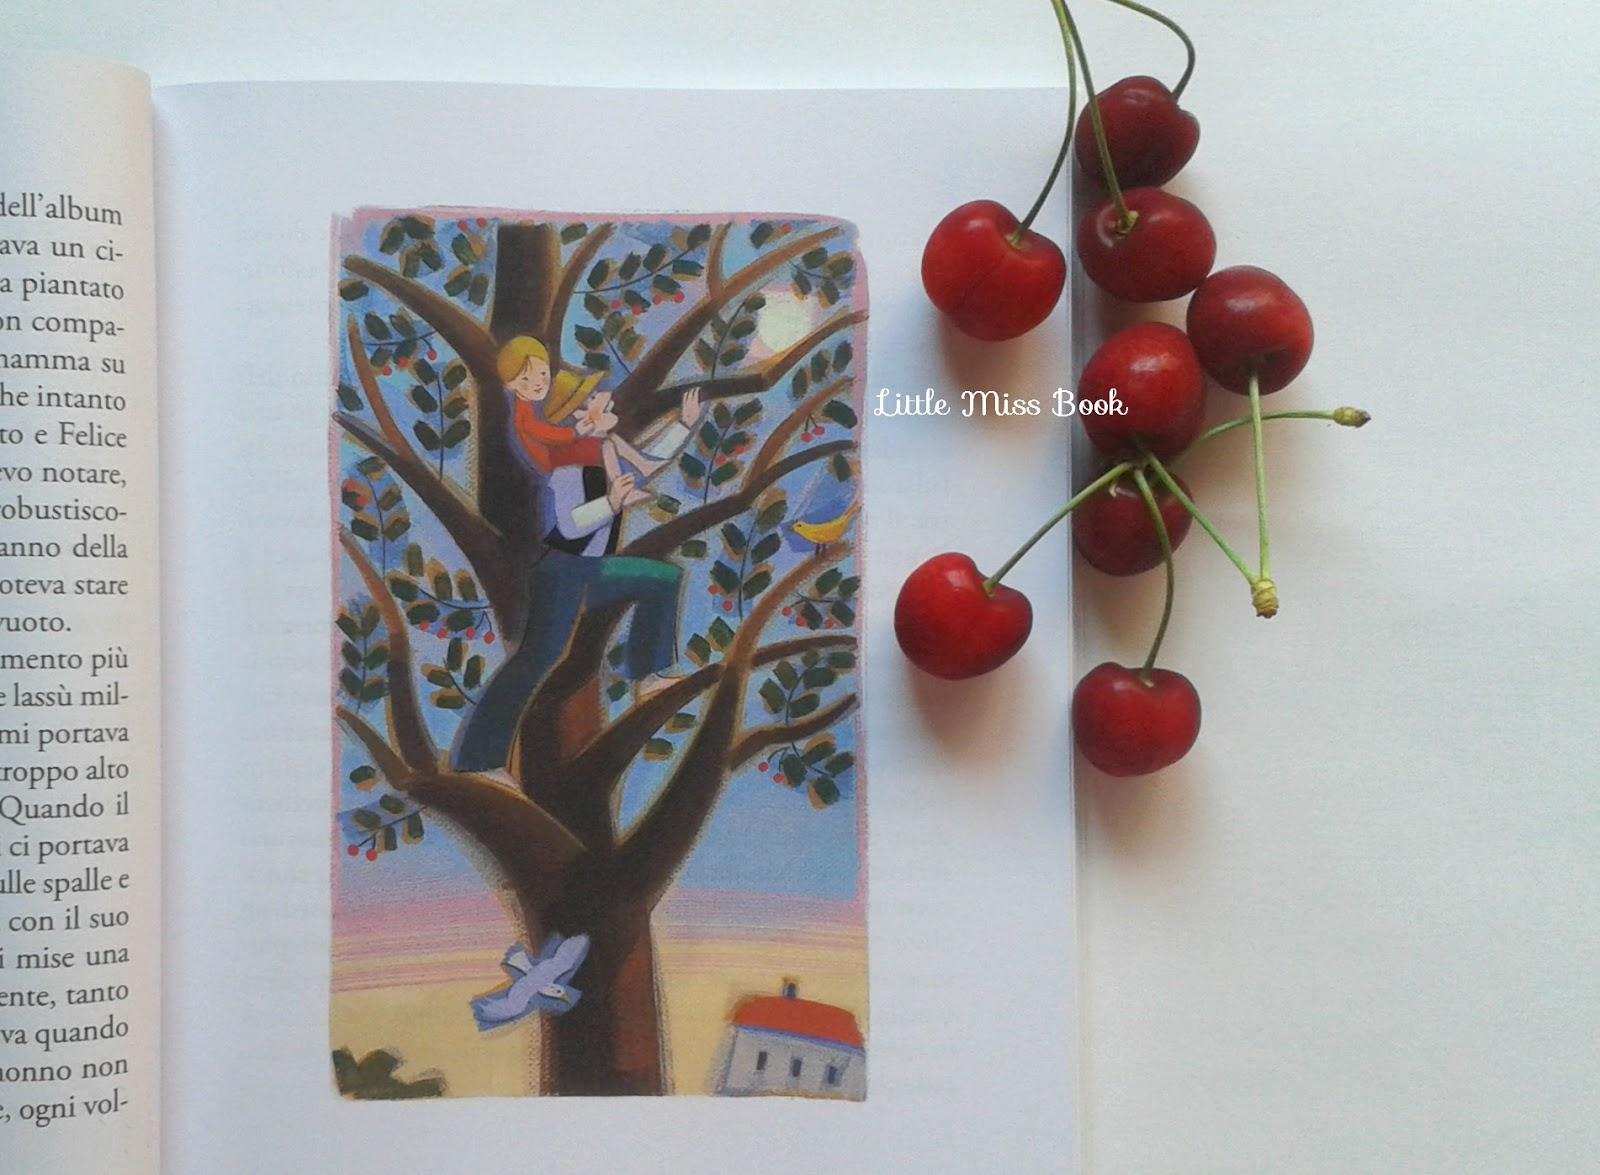 mio nonno era un ciliegio  - Mio nonno era un ciliegio di Angela Nanetti